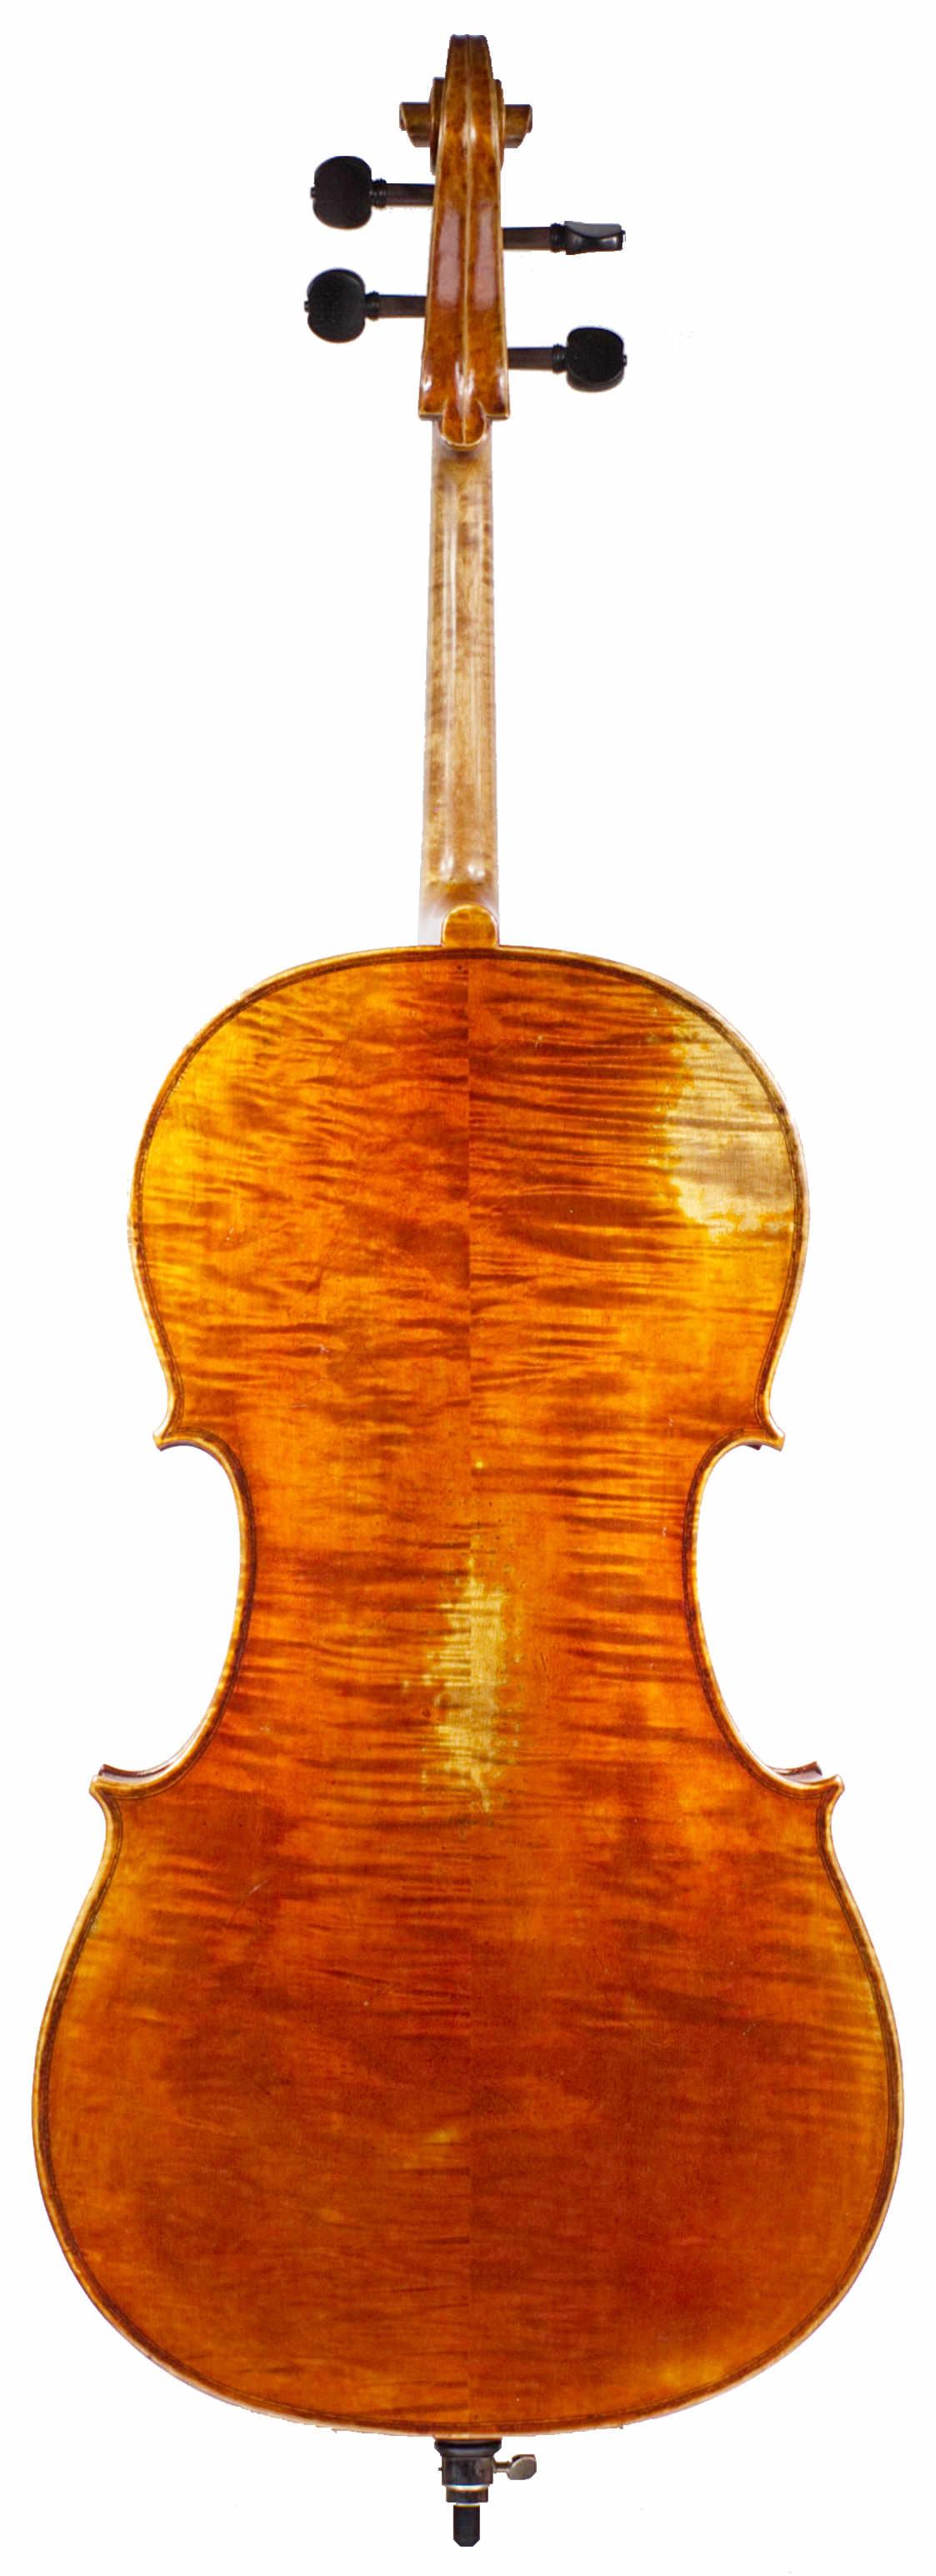 Jay Haide Stradivari cello